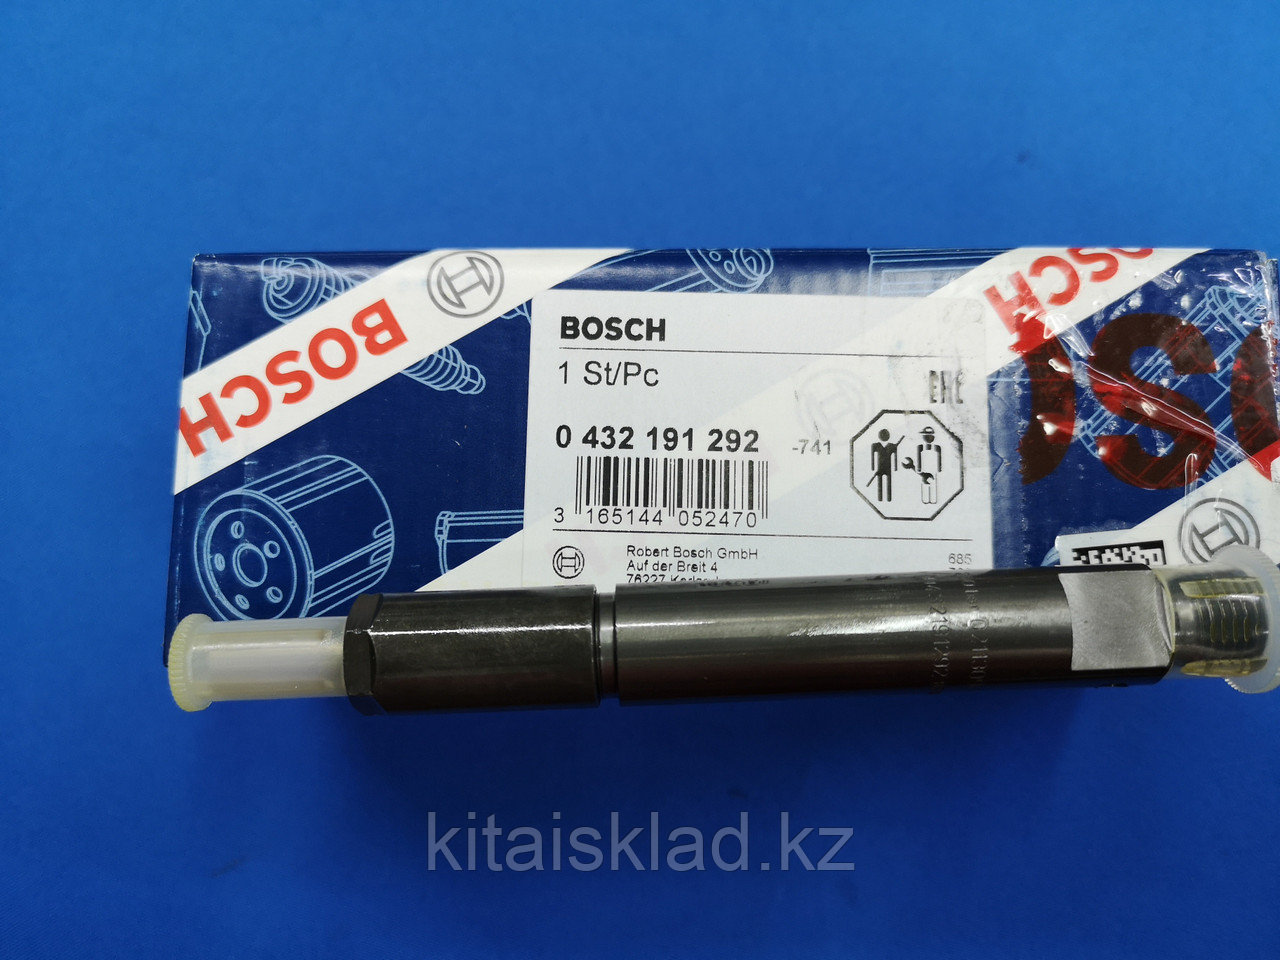 Форсунка BOSCH 0432191292, двигатель  Deutz BF6M1013FC